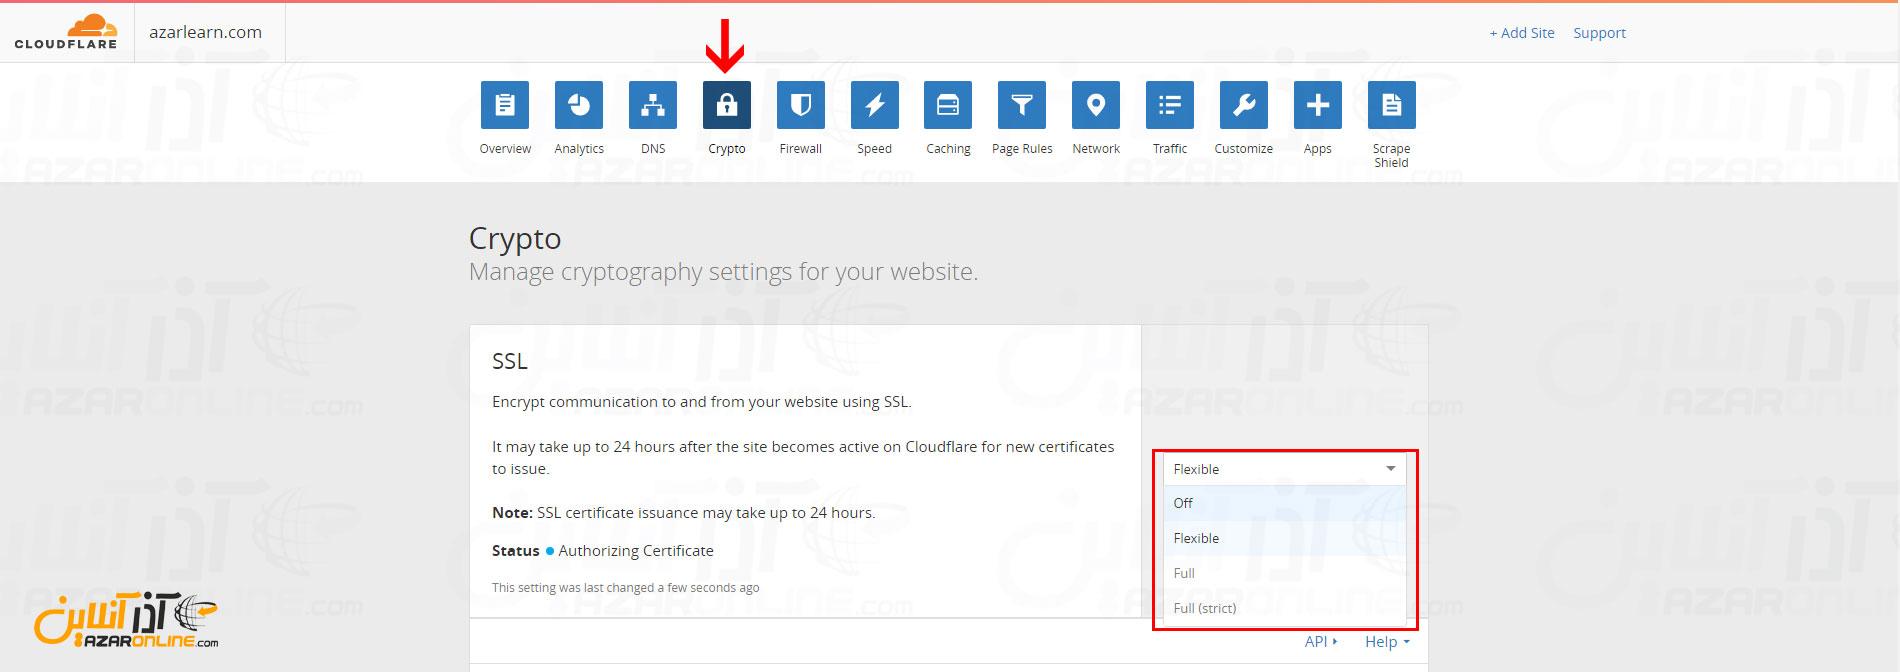 تنظیم SSL کلودفلر بر روی Flexible